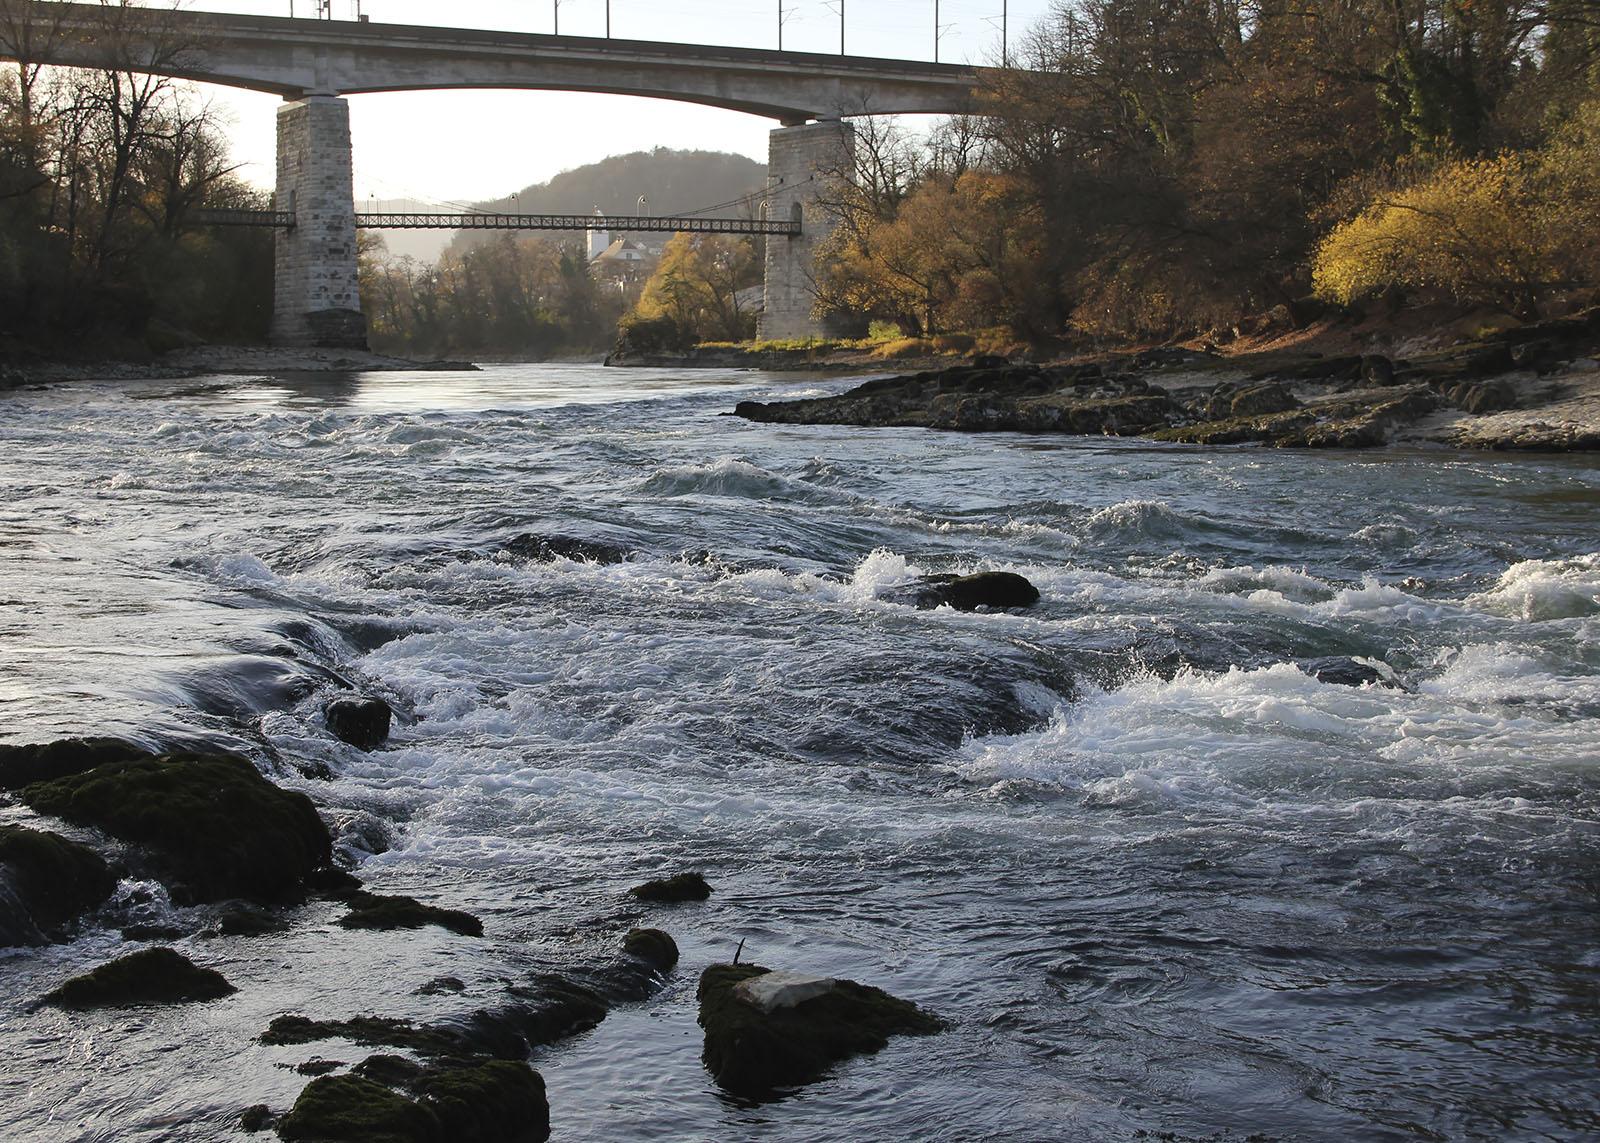 aareschlucht-brugg_niedrigwasser_stromschnelle